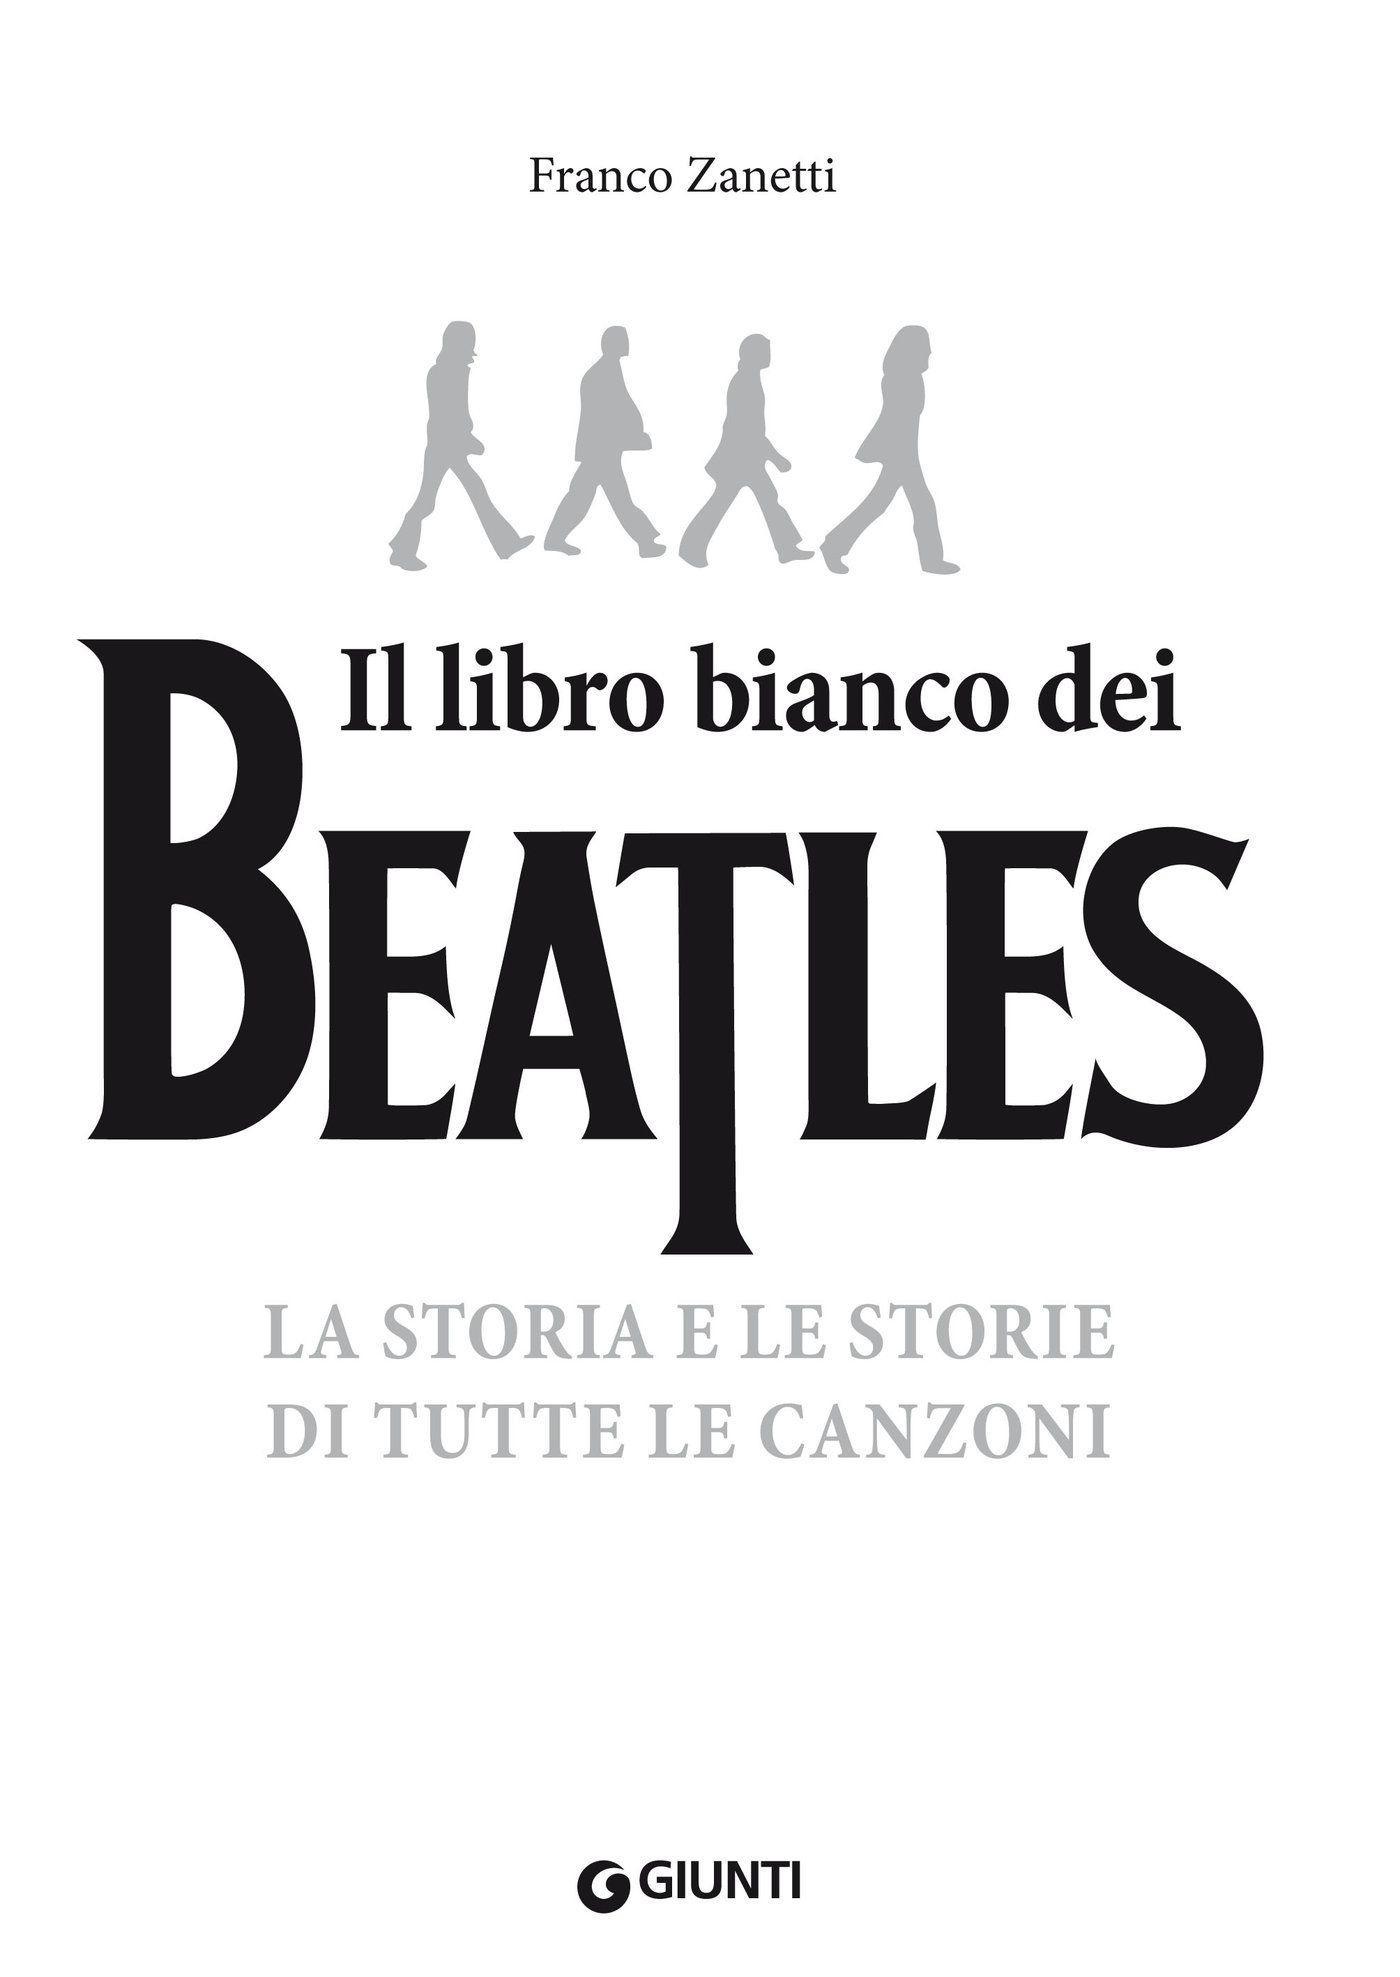 Franco Zanetti – Il libro bianco dei Beatles: La storia e le storie di tutte le canzoni